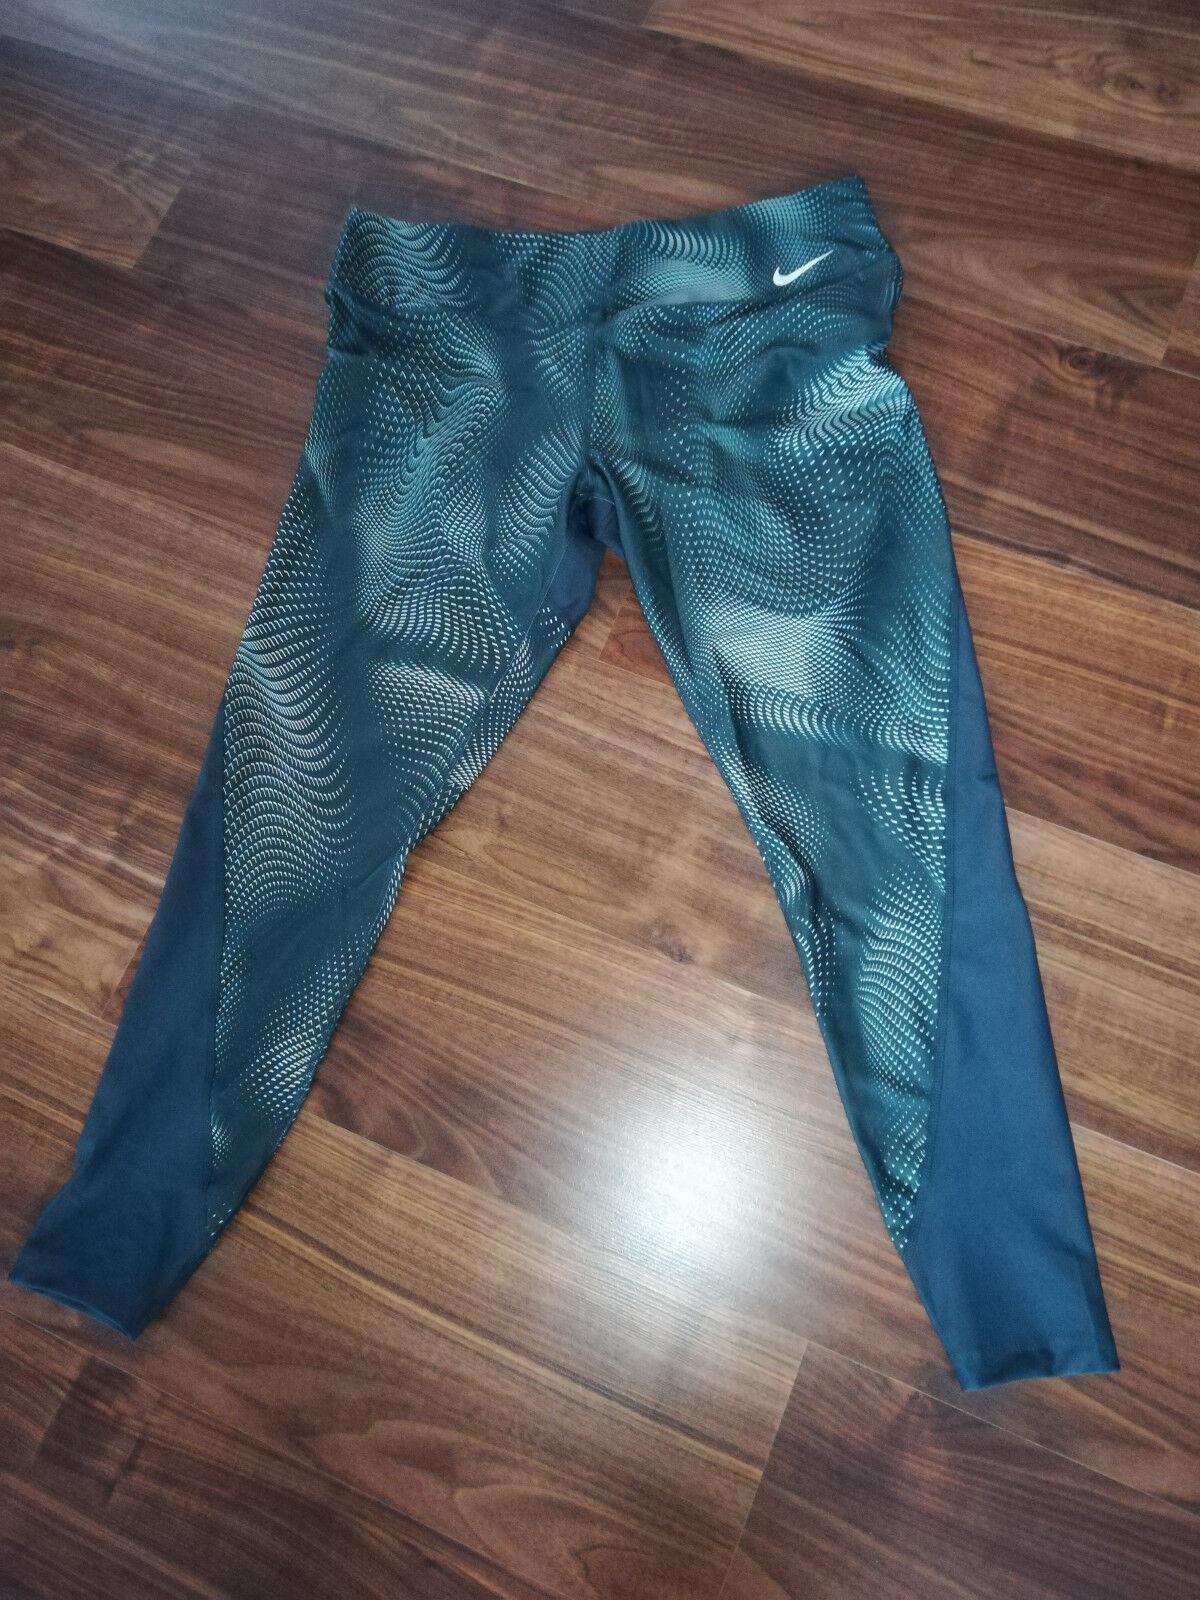 Nike entrenamiento-Tights señora gran tamaño ah9101-328 fitness vomite pantalones nuevo 1xl